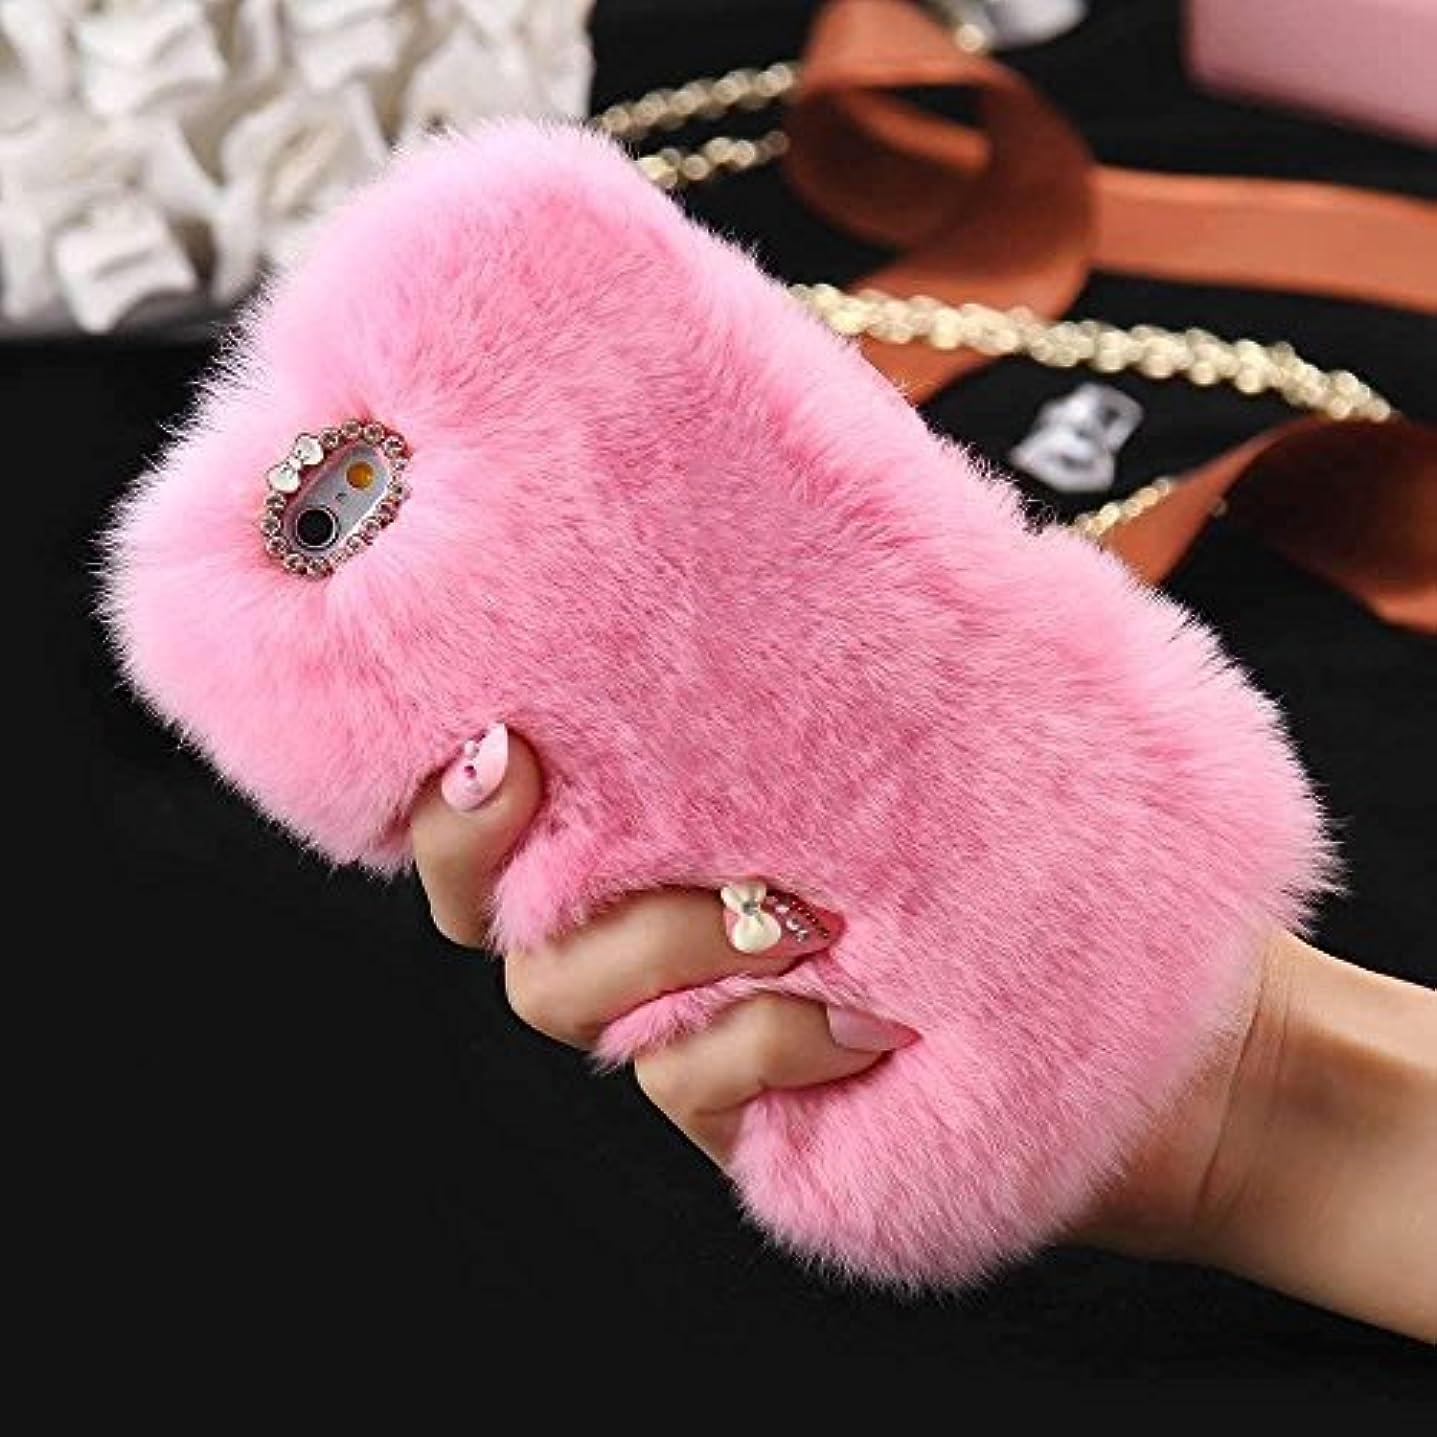 ウルル見込み唯一iPhone 7 ケース おしゃれ INorton 保護カバー 耐衝撃 軽量 薄型 女の子 かわいい 冬に最適 iPhone 7対応